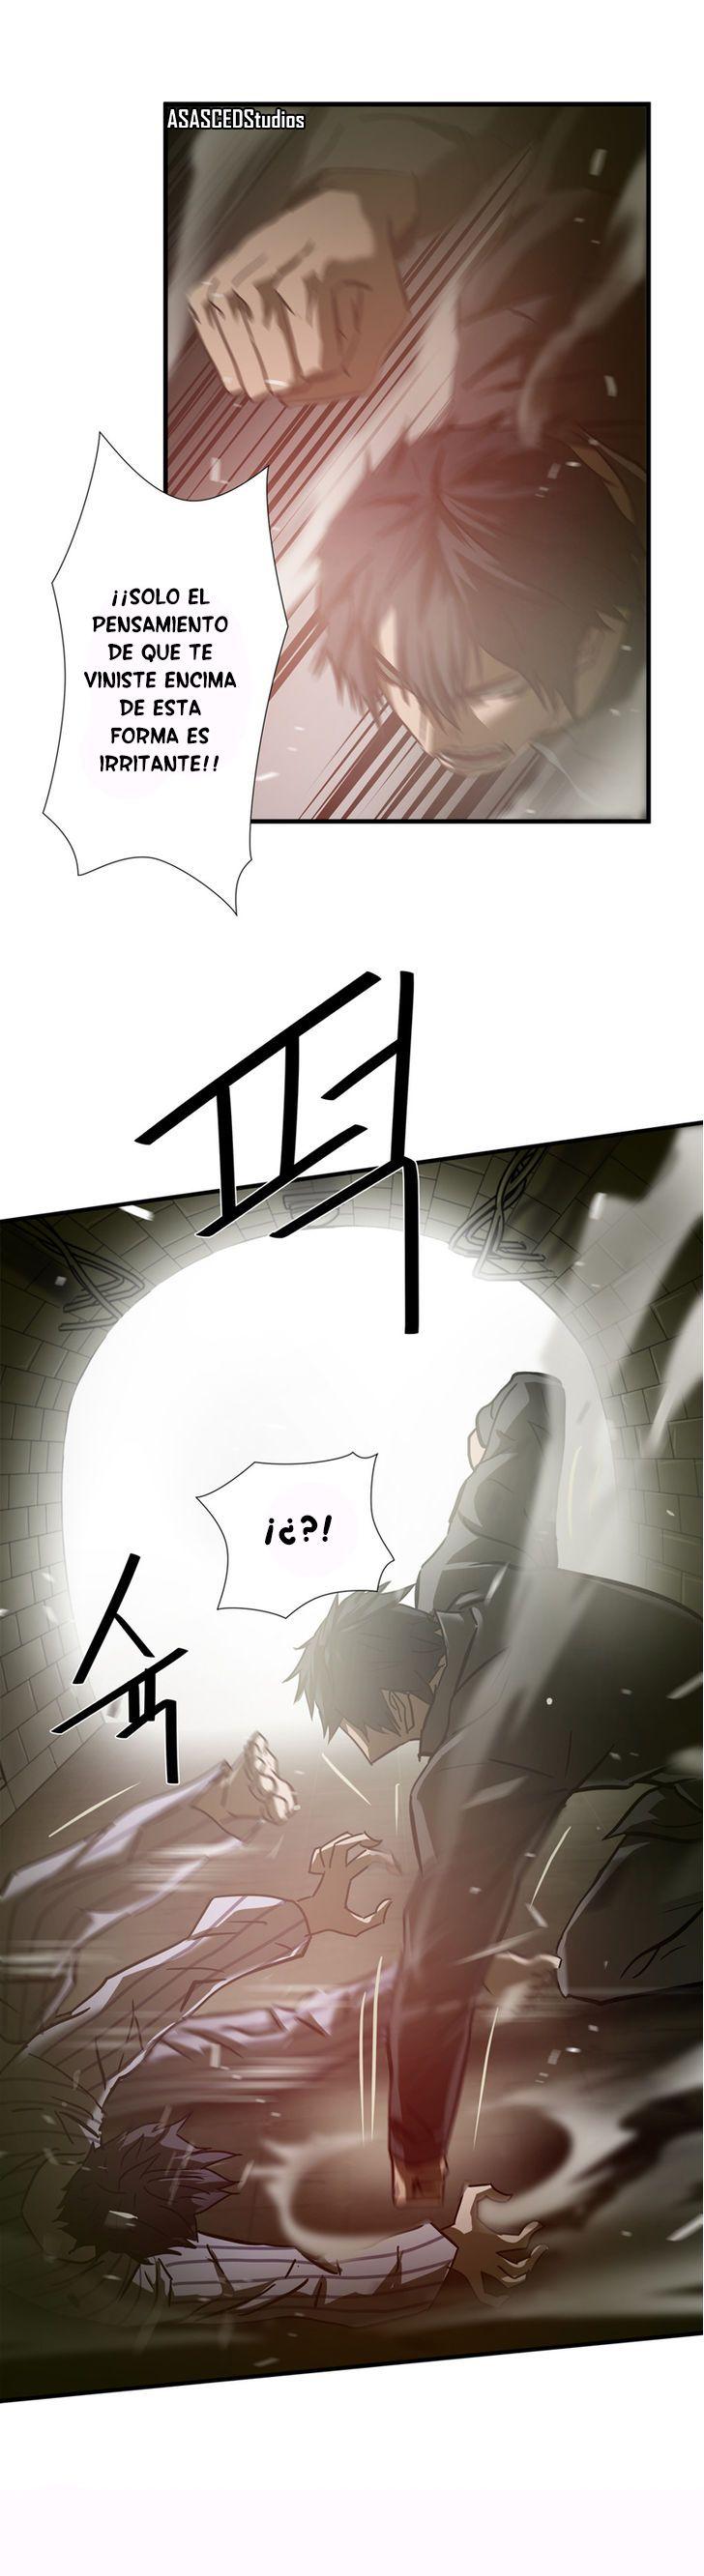 https://c5.ninemanga.com/es_manga/pic2/58/19386/514965/a22edb0ea3fc7e0516b50659cf0a3760.jpg Page 3